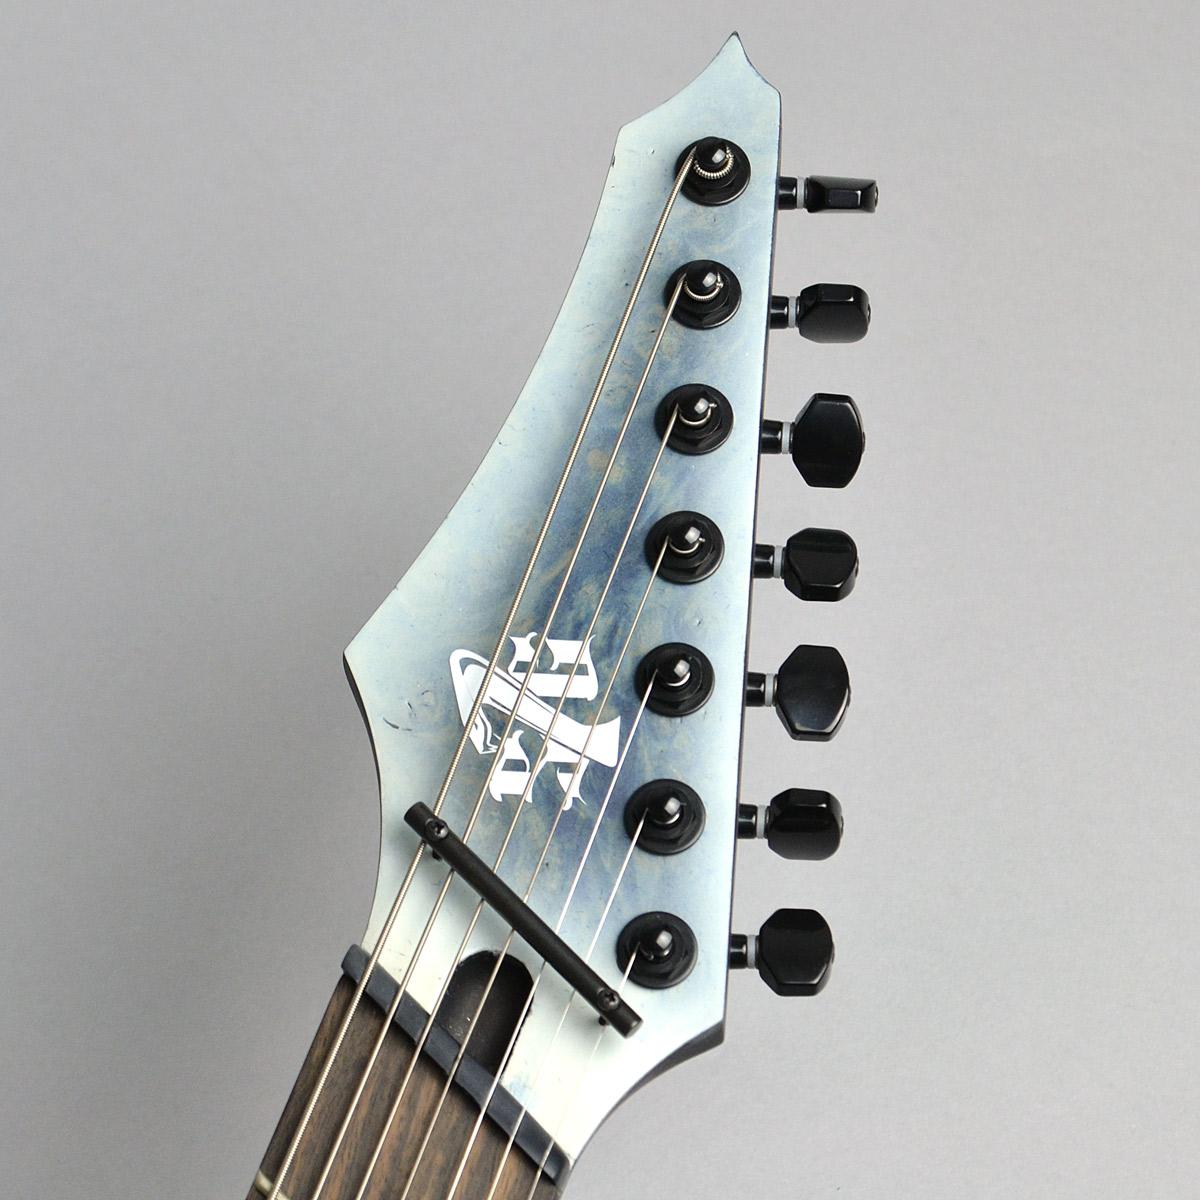 Cobra Special 7 HT/T F Maple Burl 楽器フェア2018モデルのヘッド画像